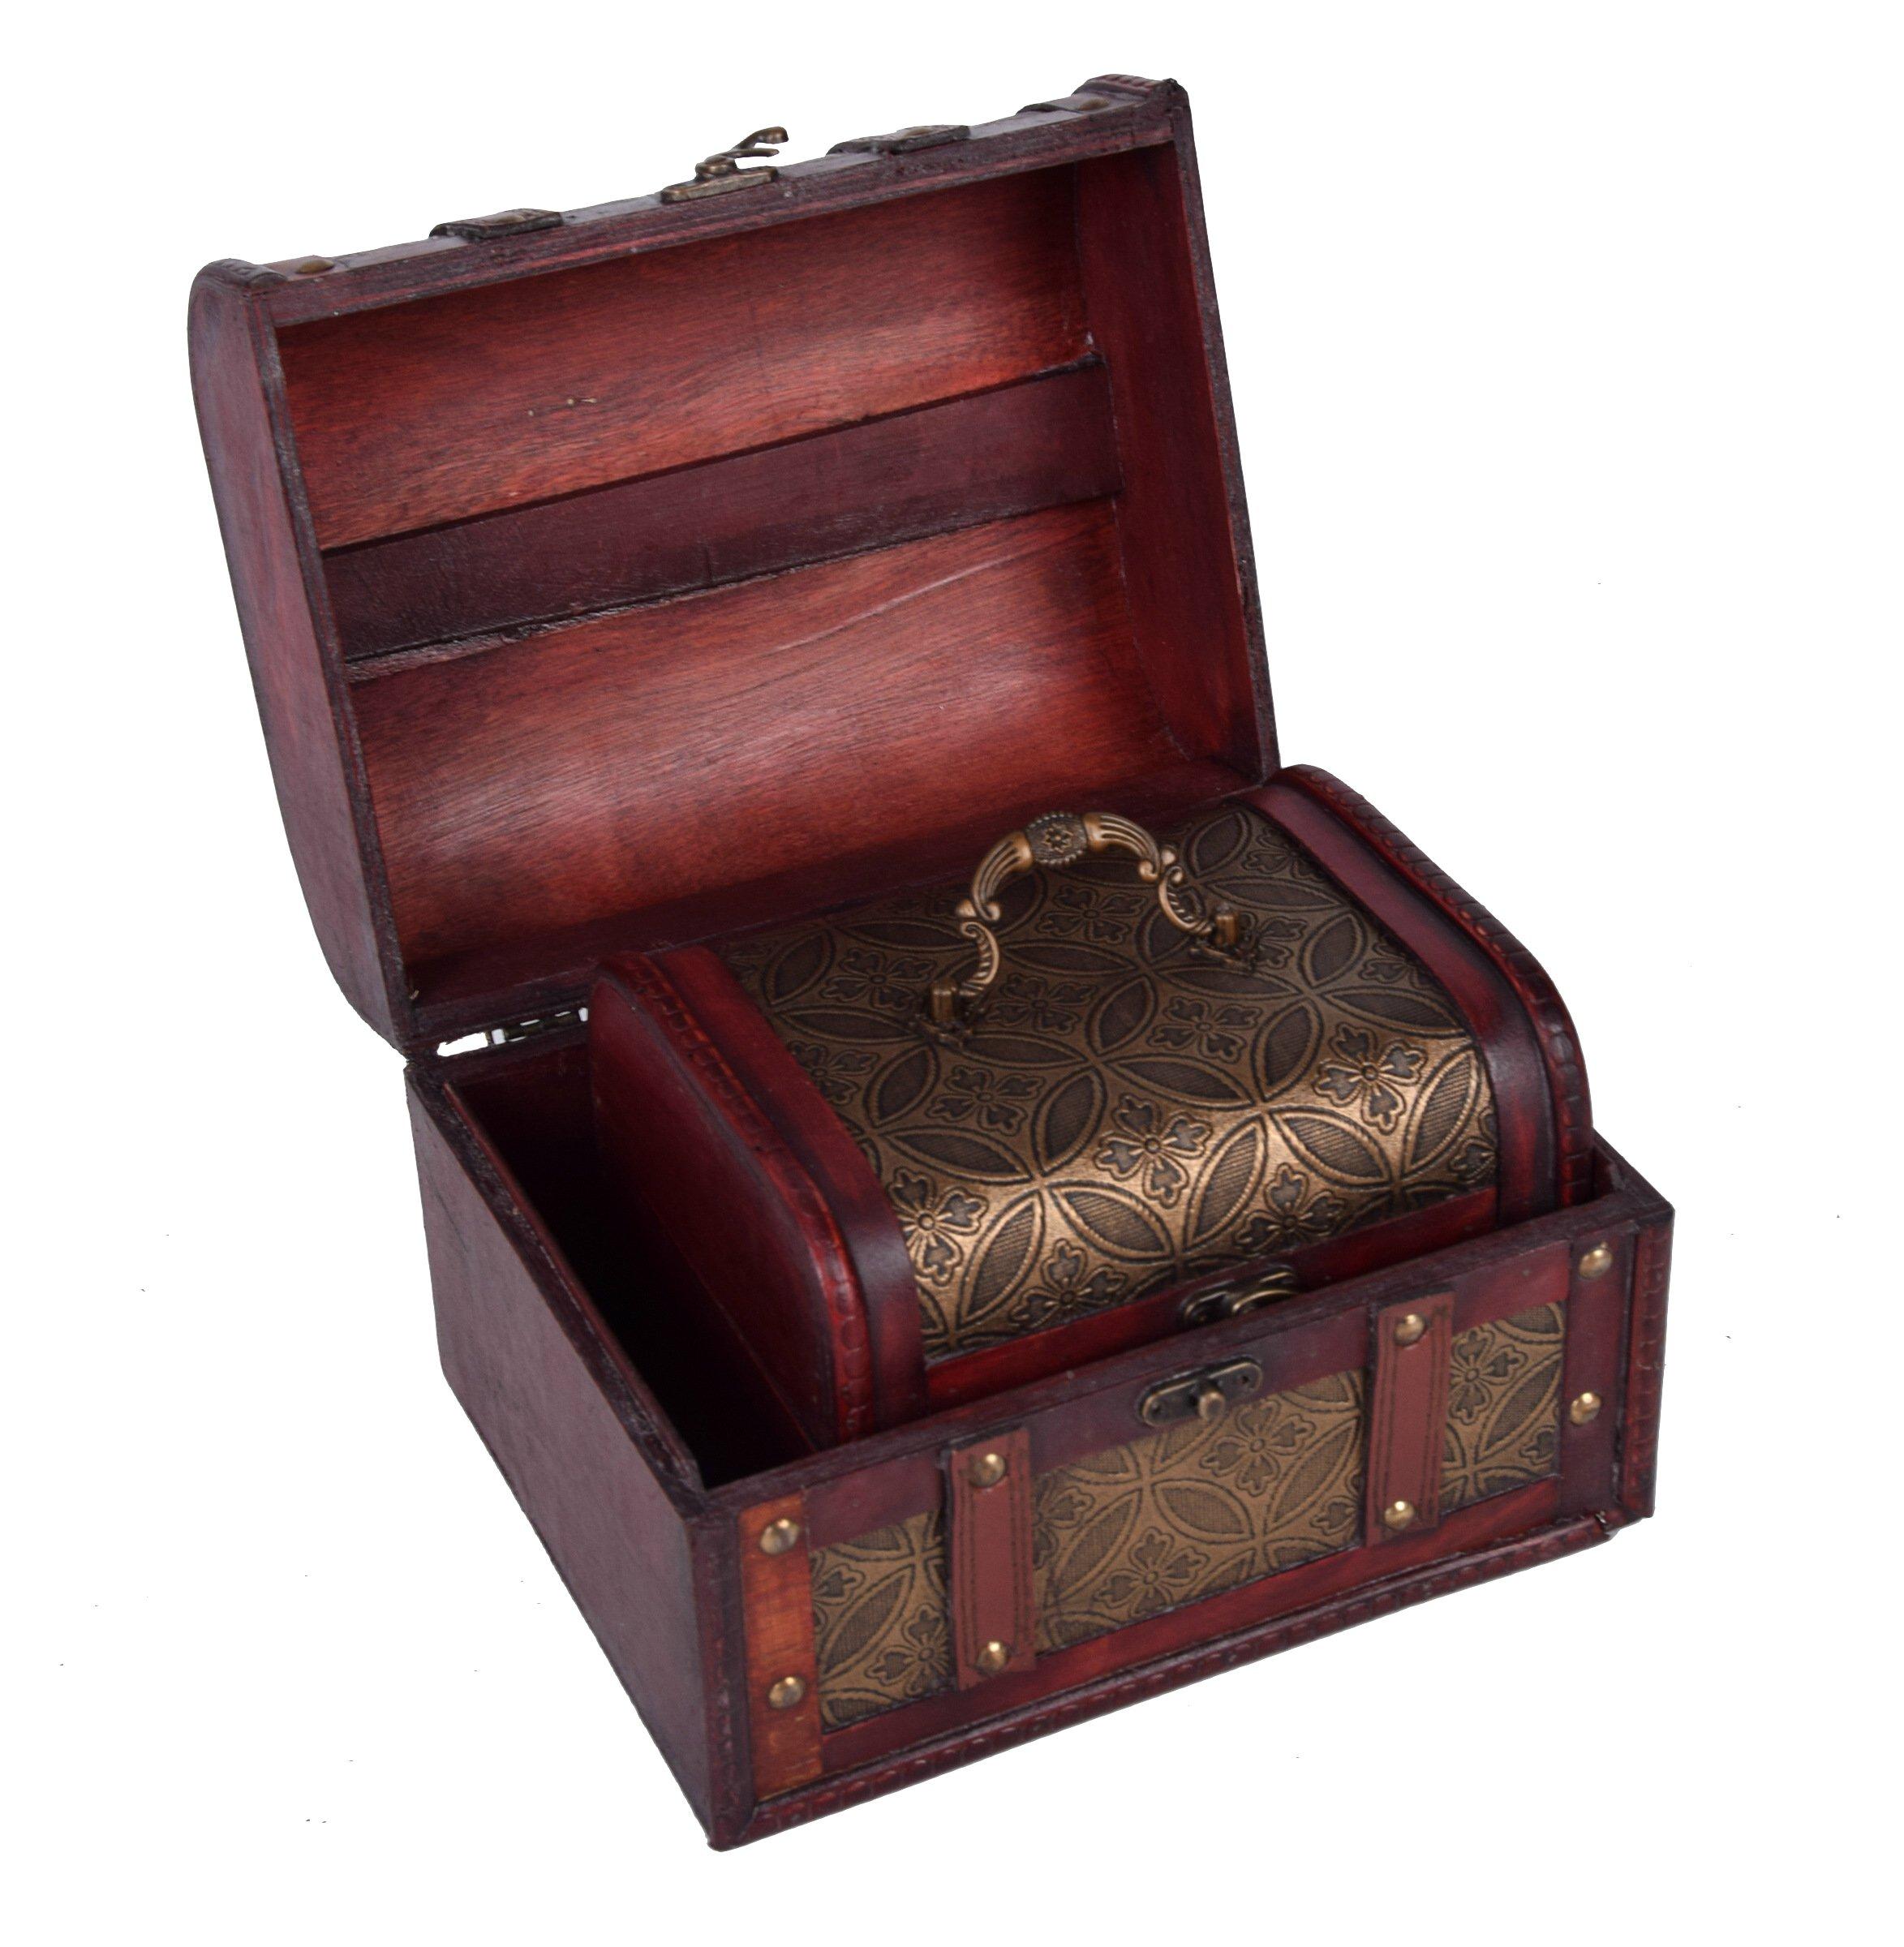 3er set deko holztruhen aufbewahrungsbox schatzkisten aus holz mit musterung. Black Bedroom Furniture Sets. Home Design Ideas